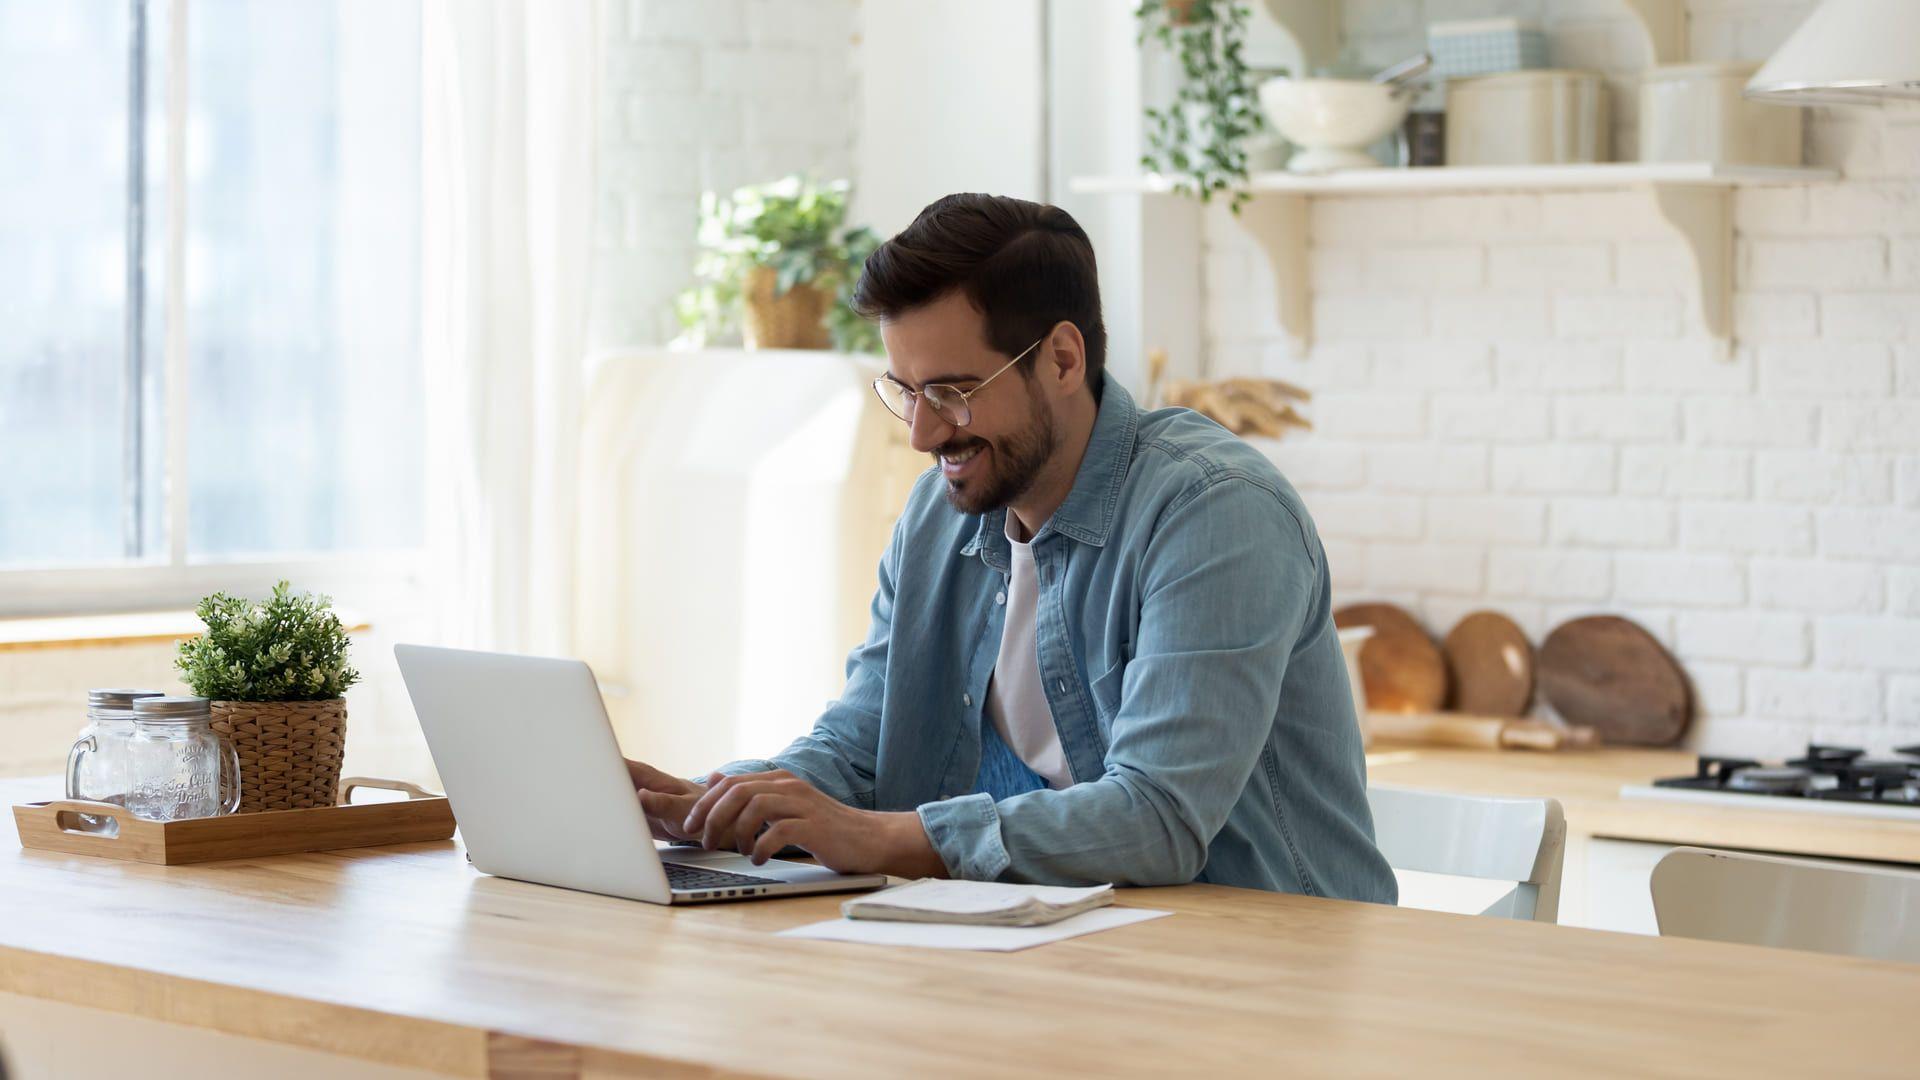 Quando um dispositivo se conecta à internet, ele tem um IP externo (Fonte: Shutterstock)